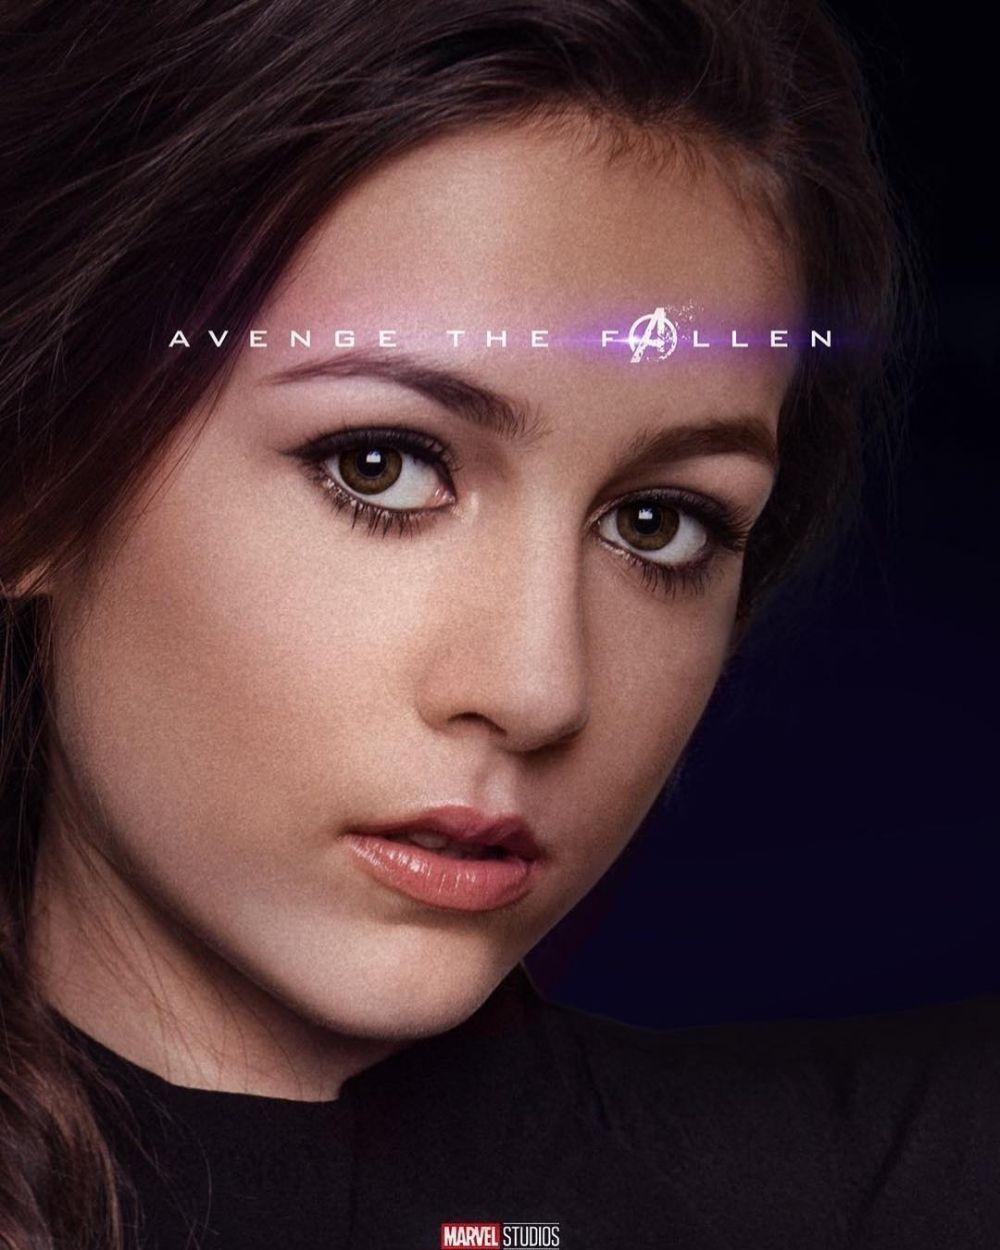 10 Potret Emma Fuhrmann, Aktris Avengers: Endgame yang Bikin Terpana